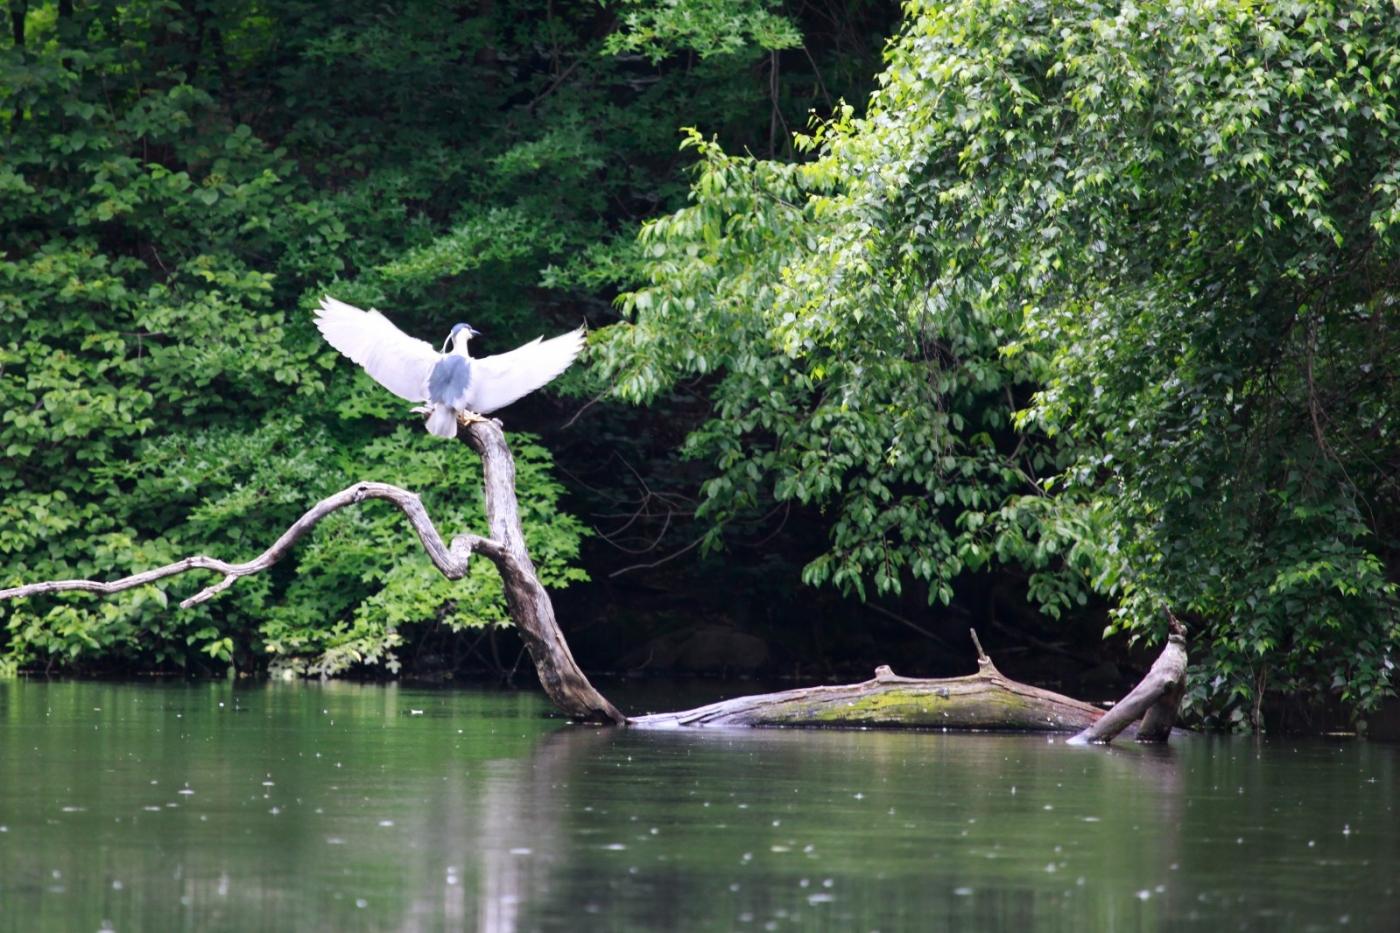 中央公园的白鹭,姿态优美,游客喜爱_图1-12